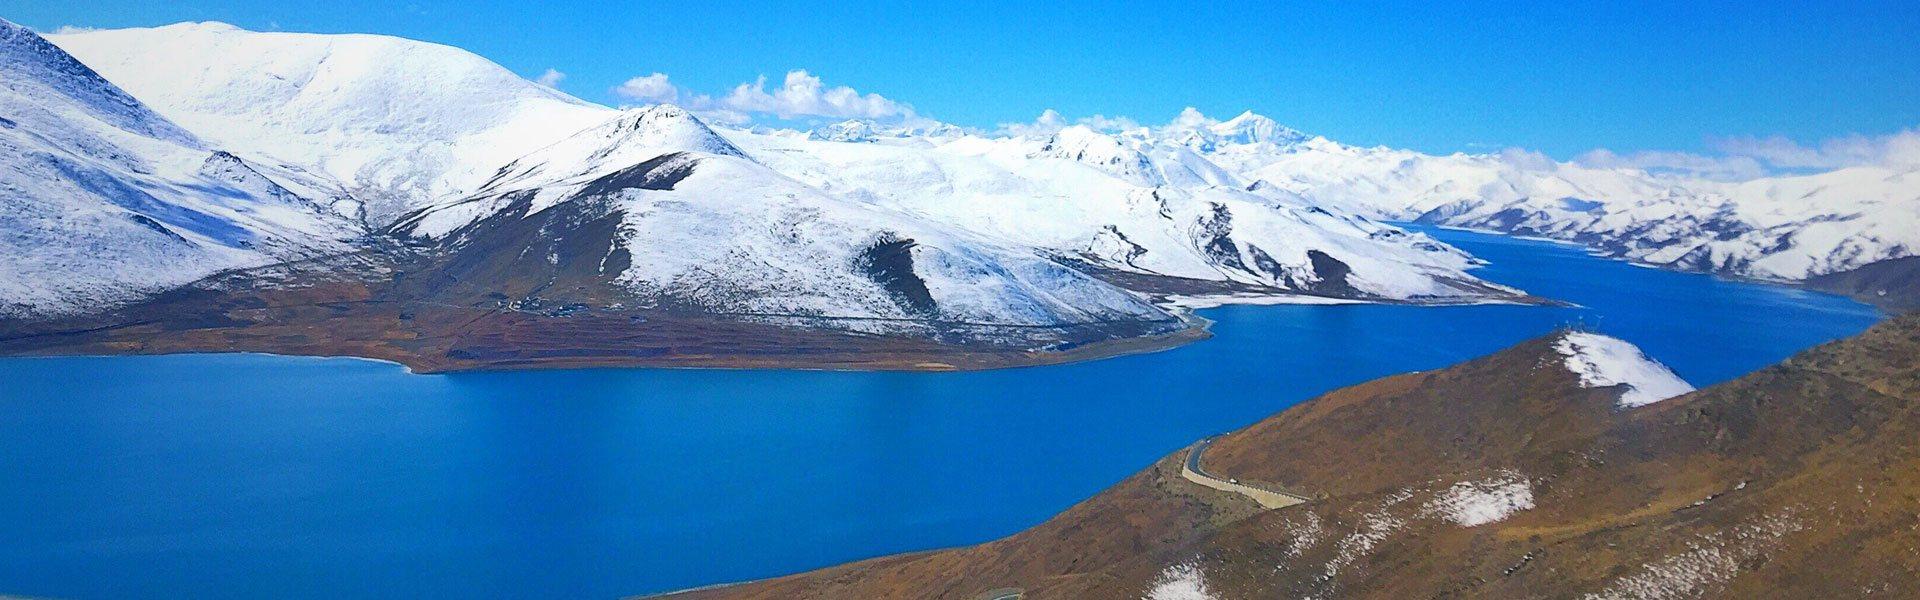 Capture the Winter Essence of Tibet